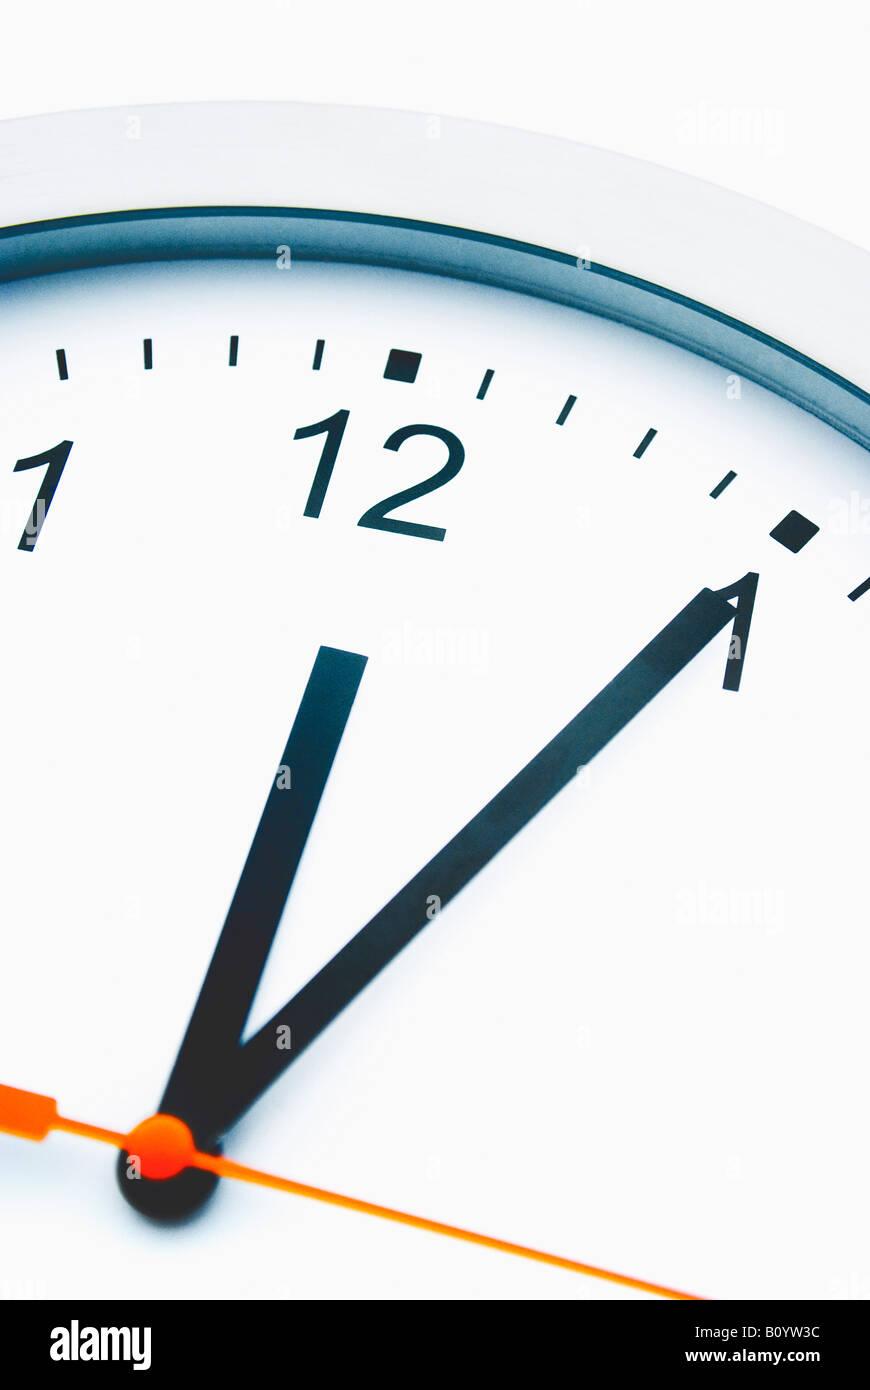 Clock face, close-up - Stock Image